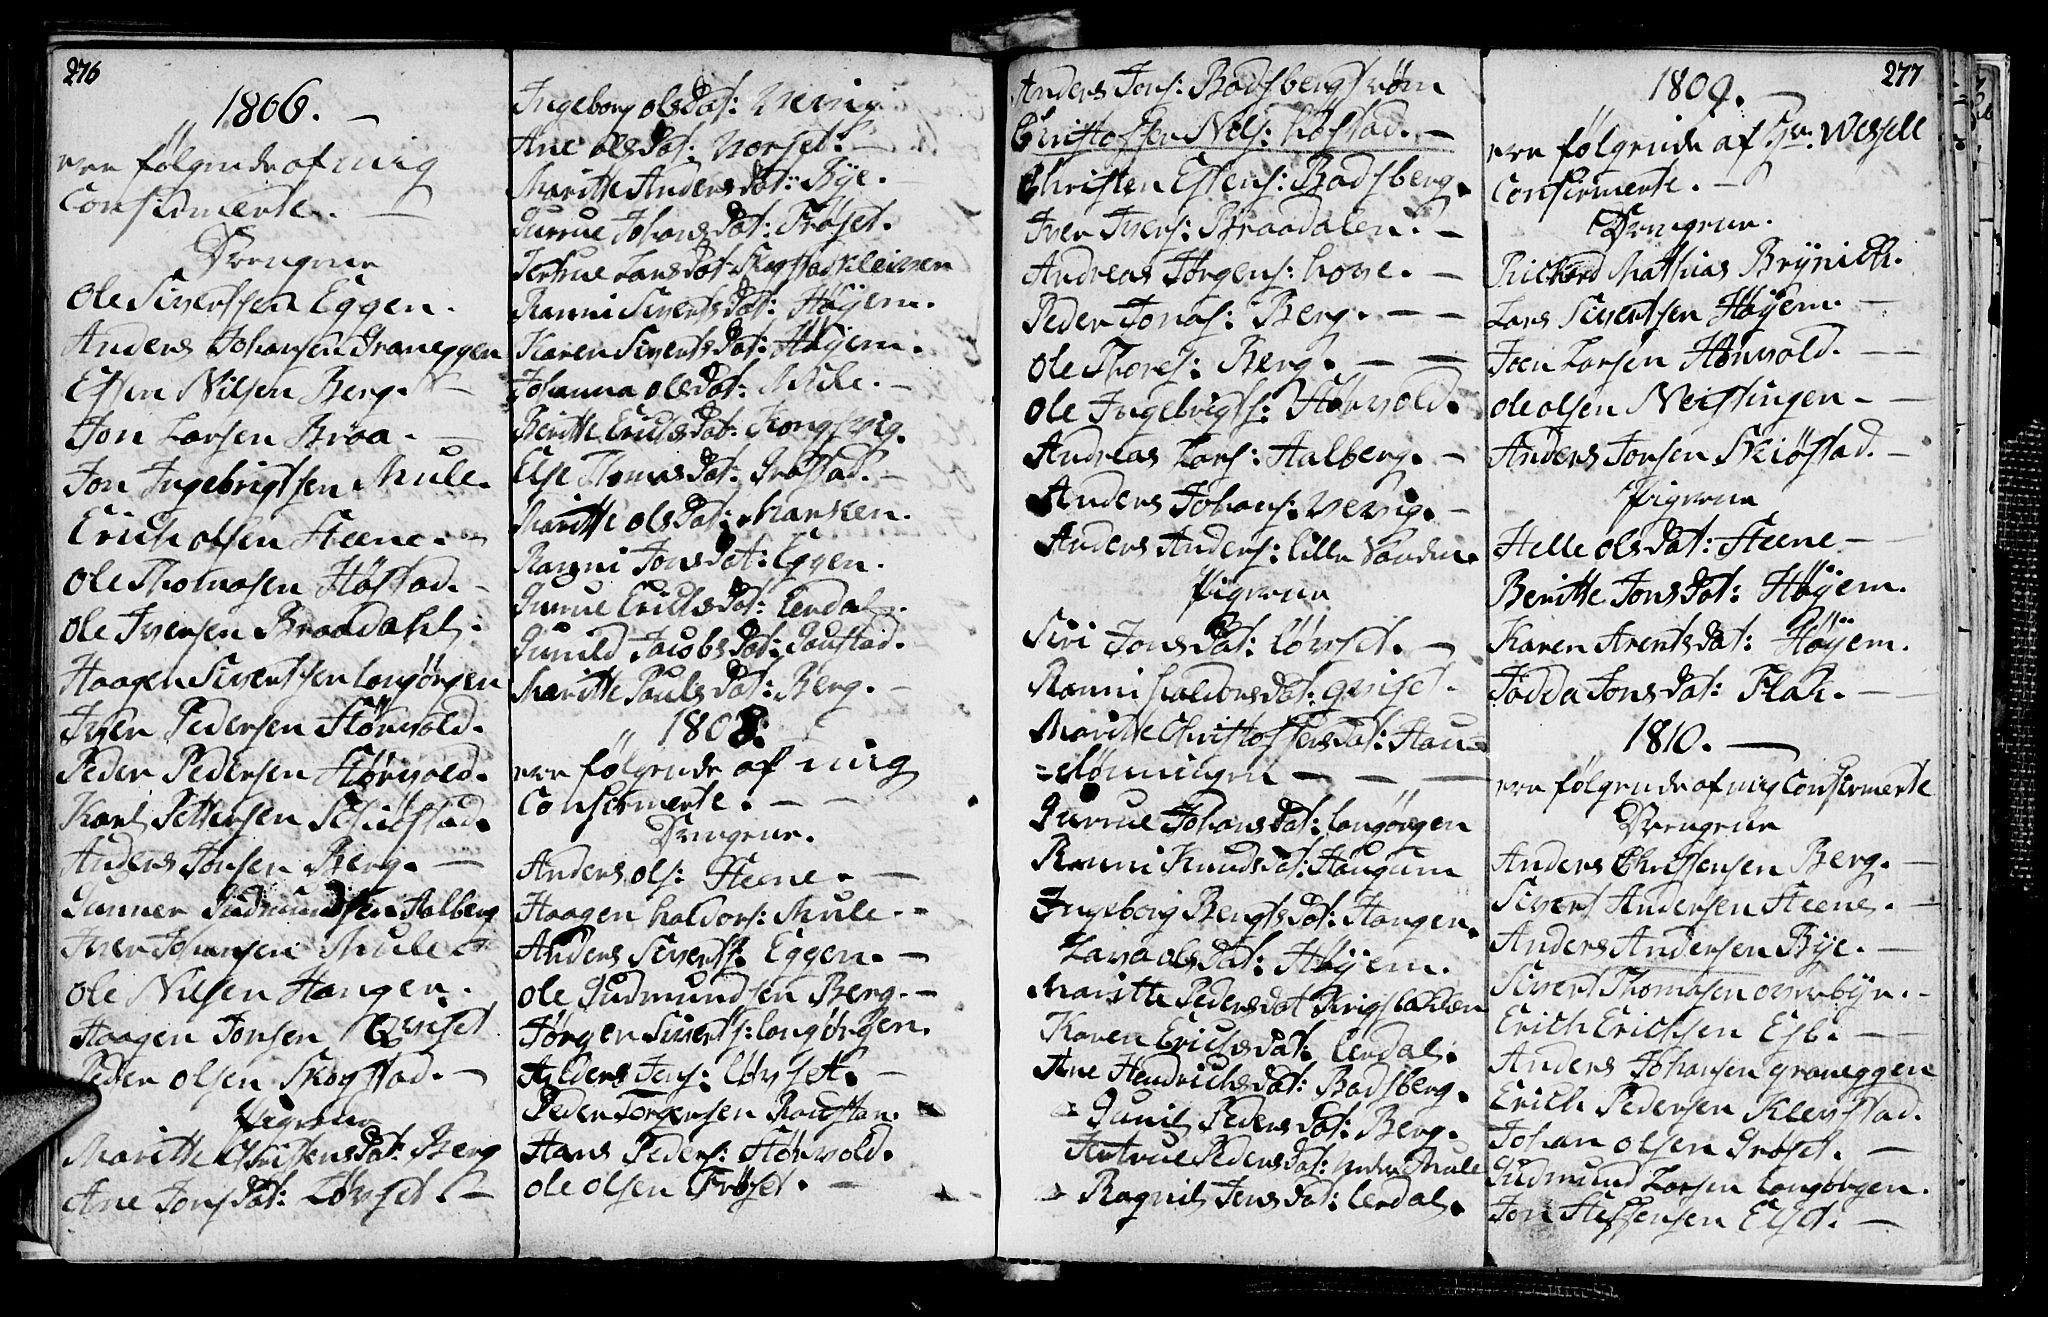 SAT, Ministerialprotokoller, klokkerbøker og fødselsregistre - Sør-Trøndelag, 612/L0371: Ministerialbok nr. 612A05, 1803-1816, s. 276-277